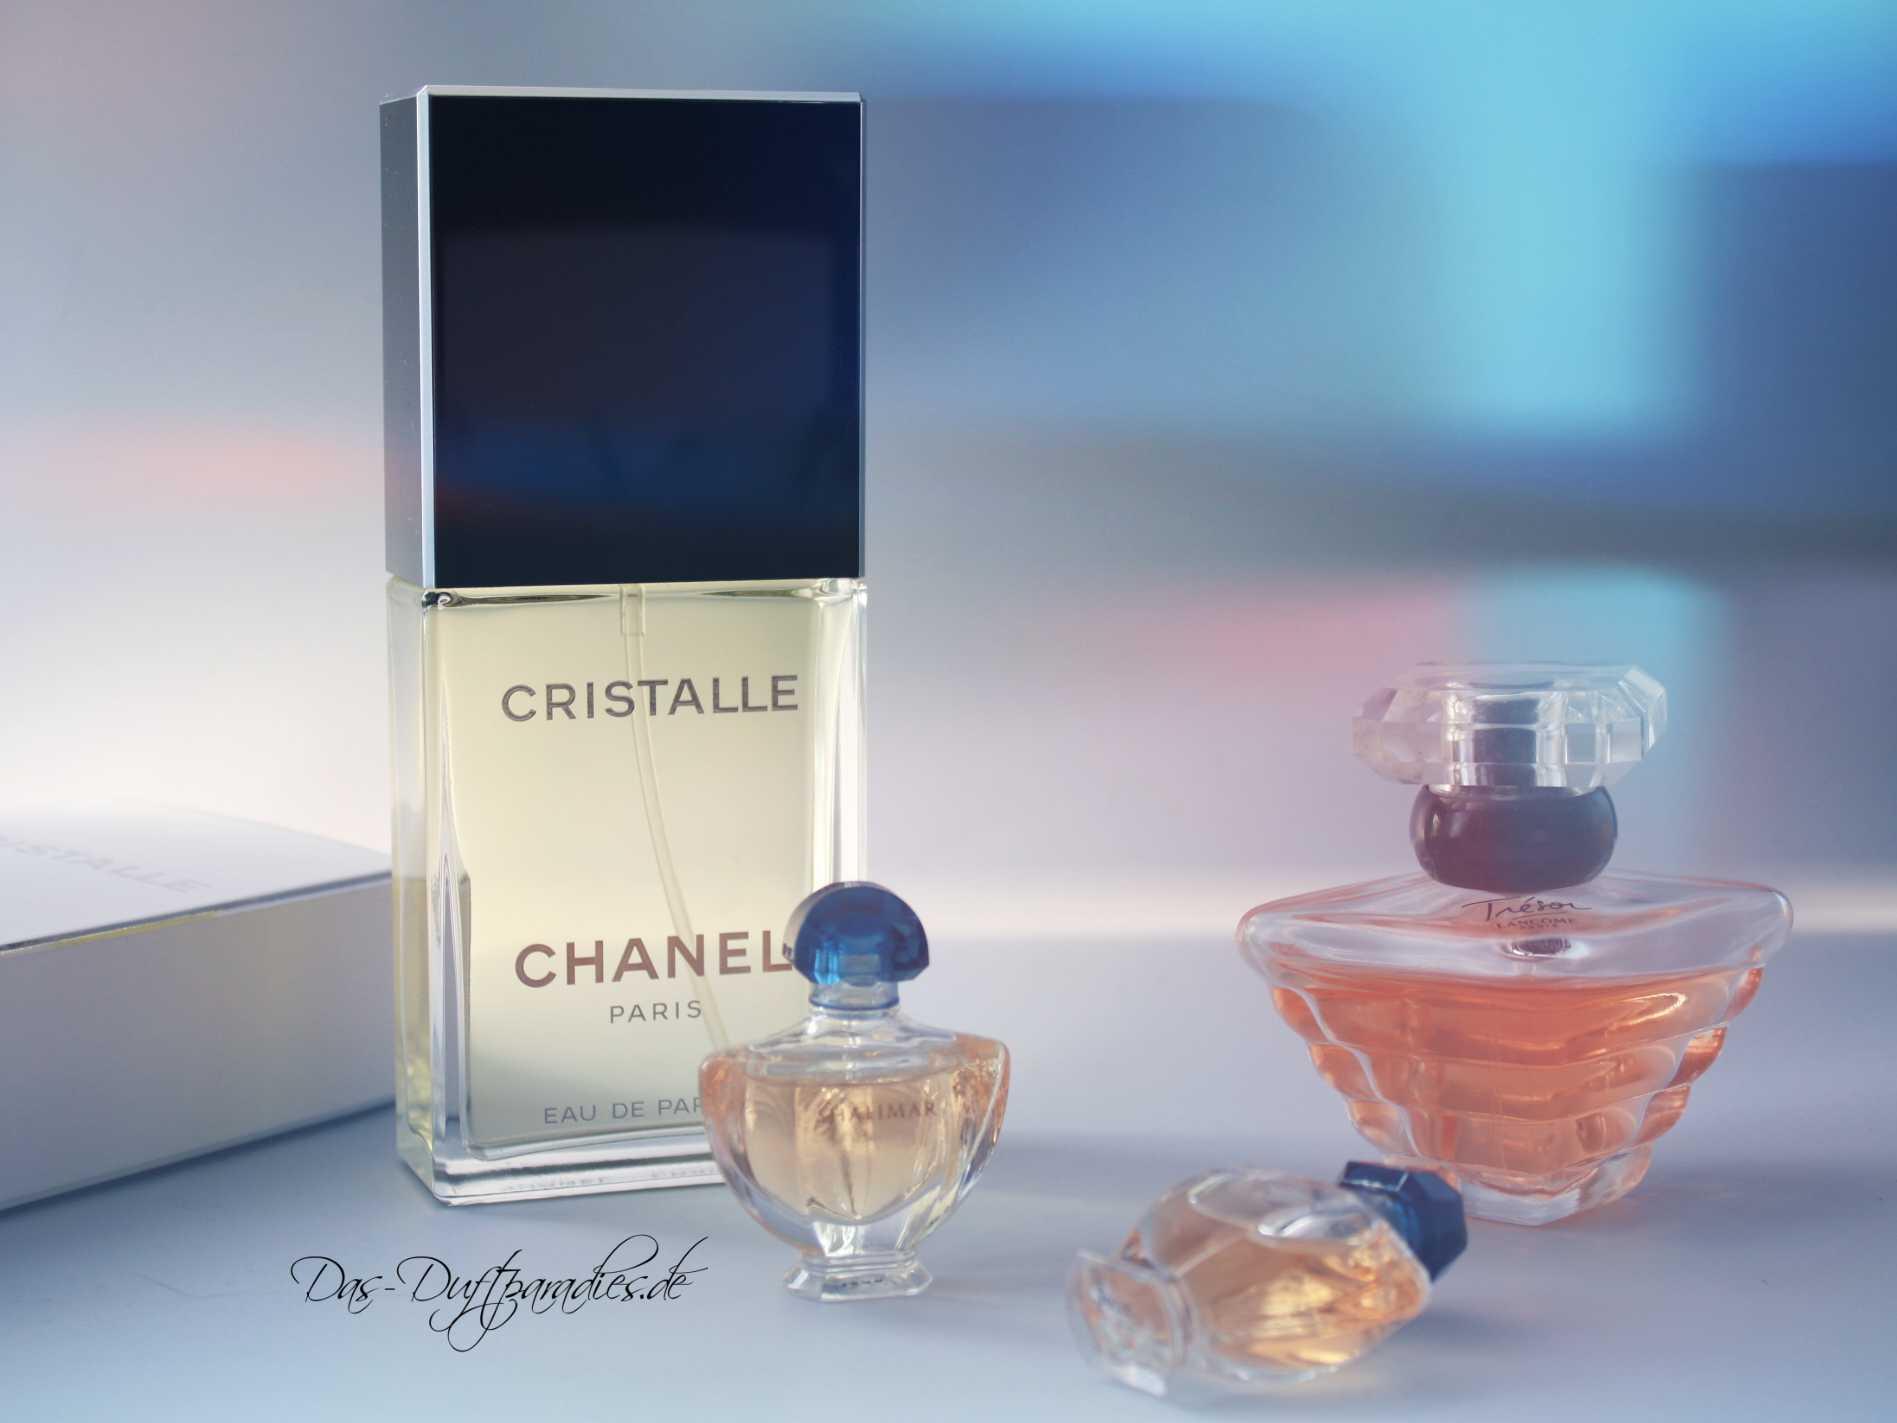 Parfüm Frauen - die besten Damendüfte entdecken